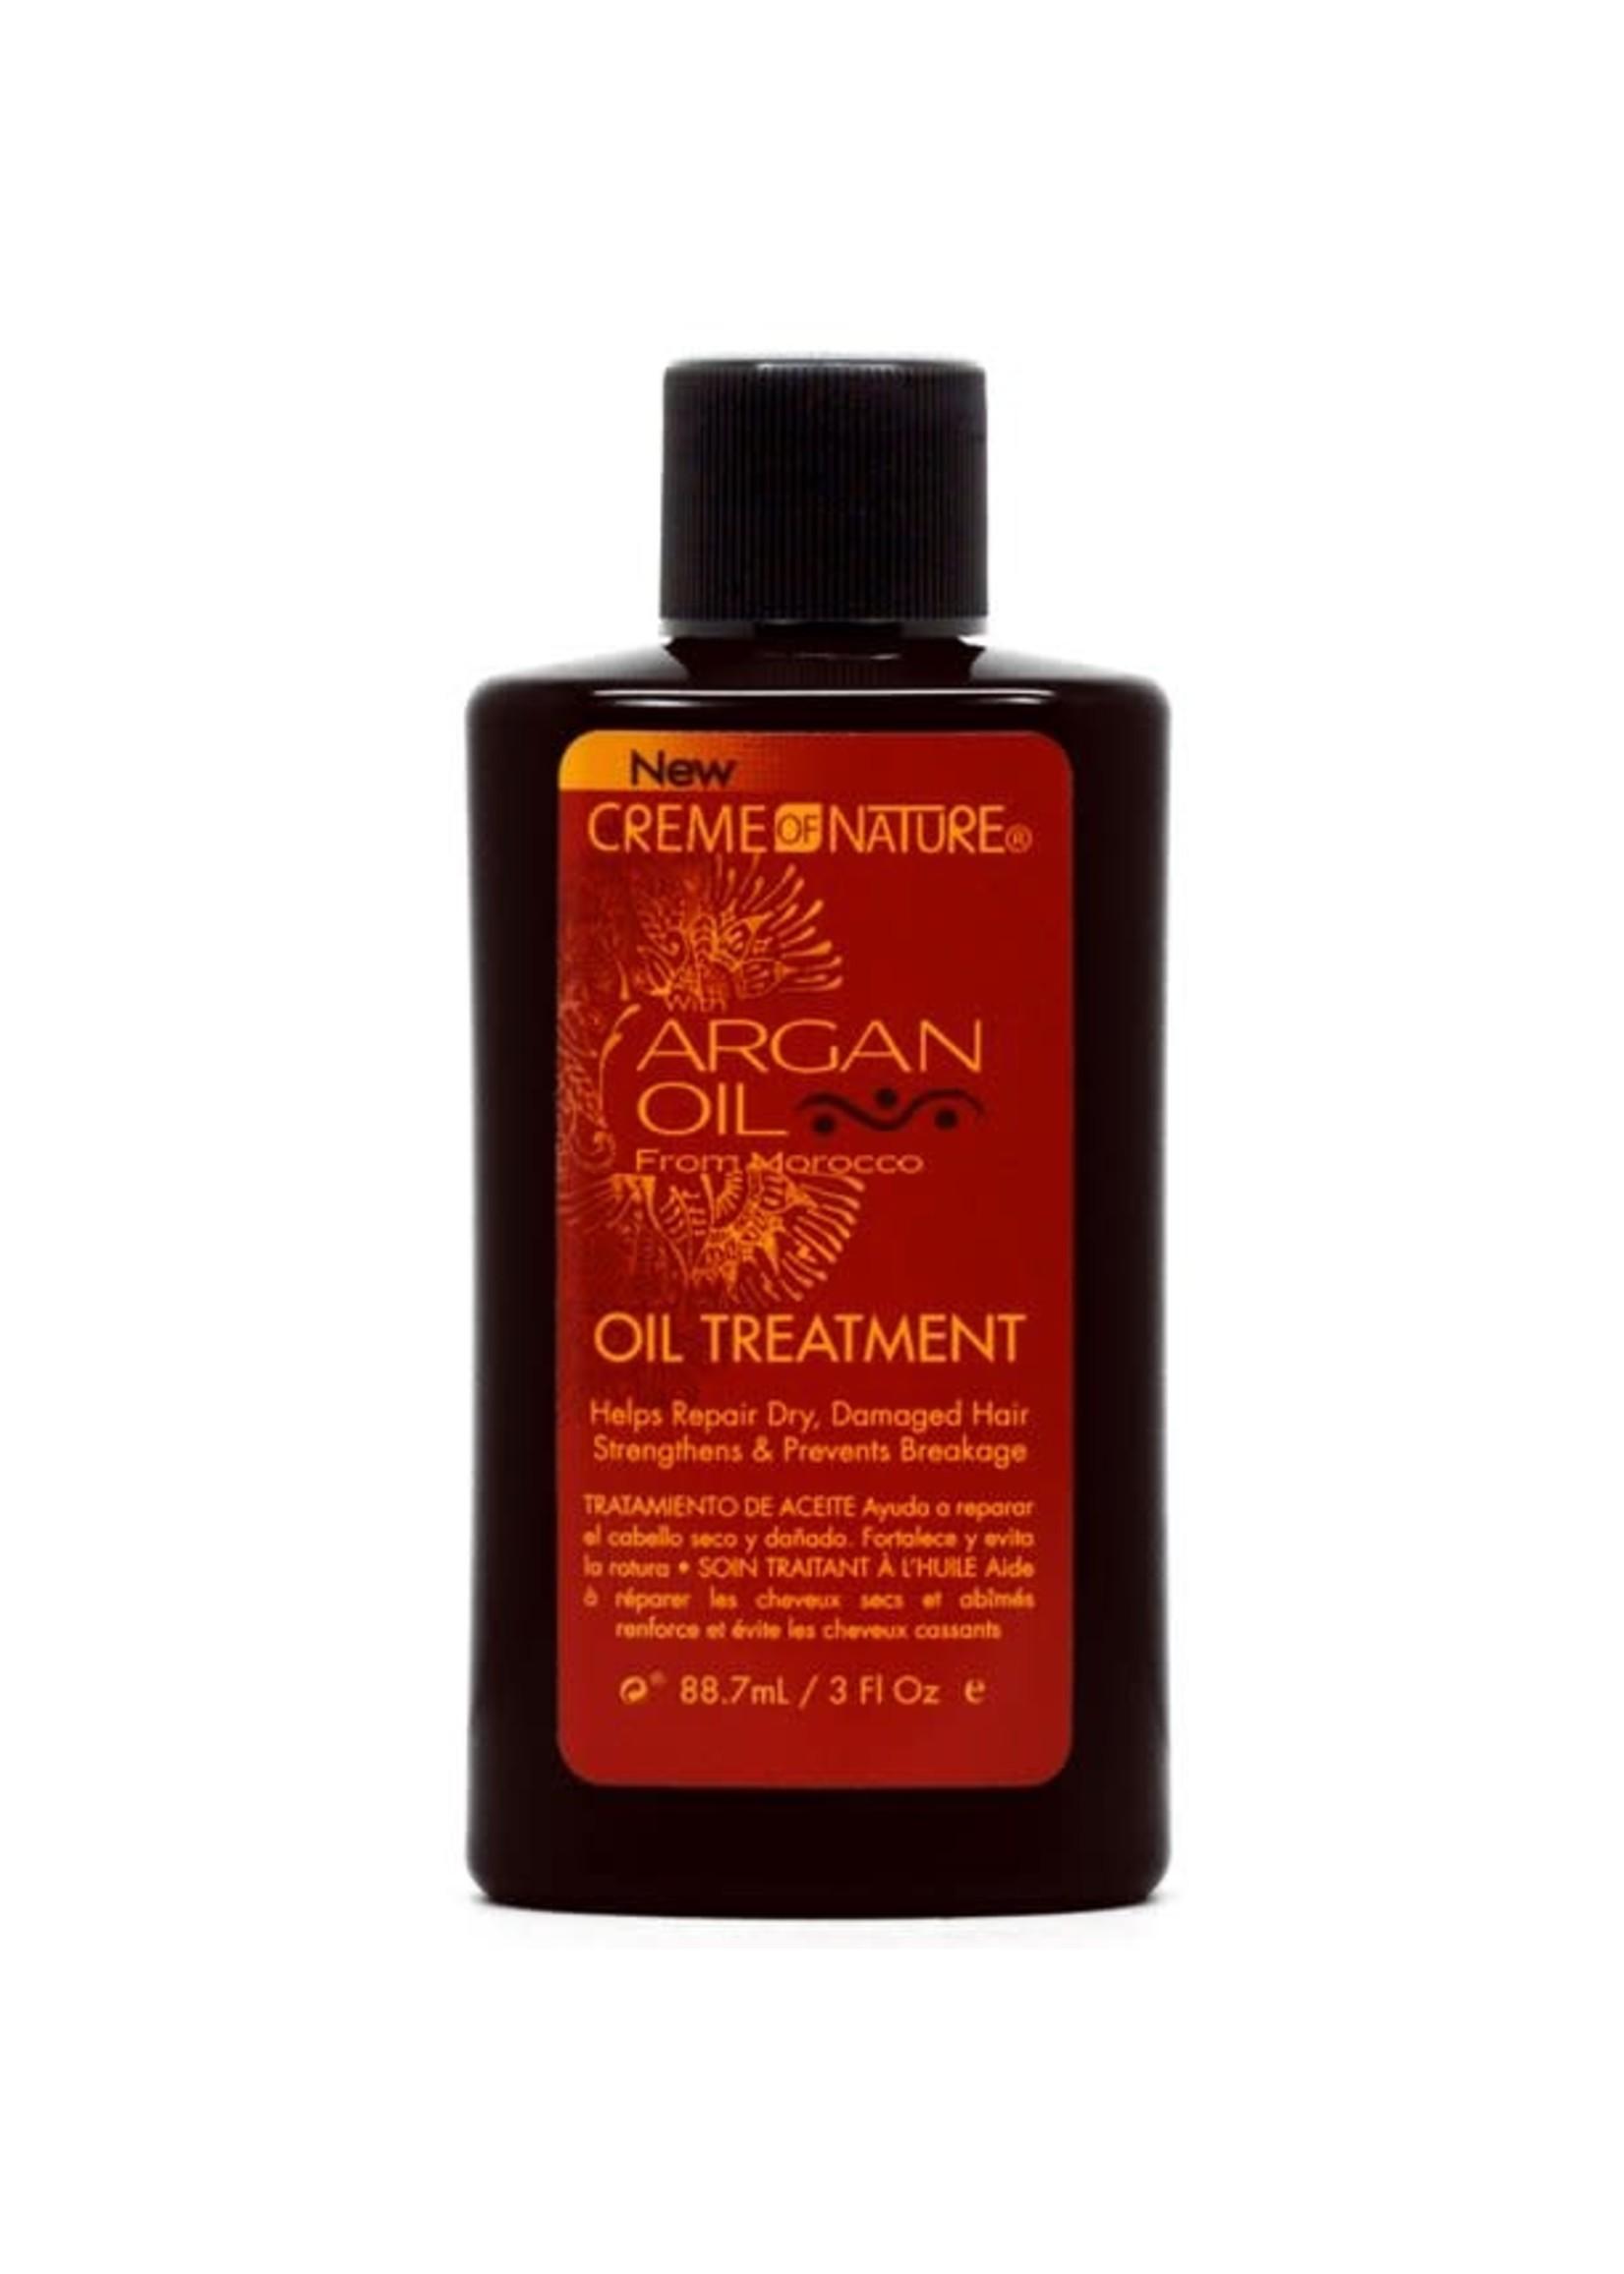 Cream of Nature Argan Oil Treatment